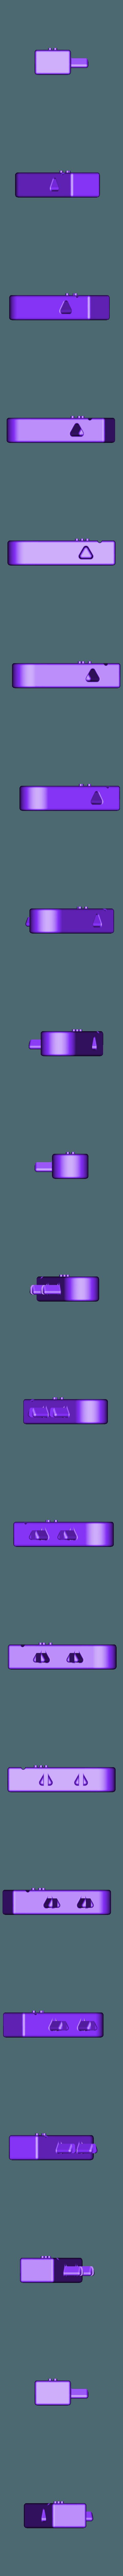 O.stl Télécharger fichier STL gratuit Mouse Fittle Puzzle • Plan à imprimer en 3D, Fittle